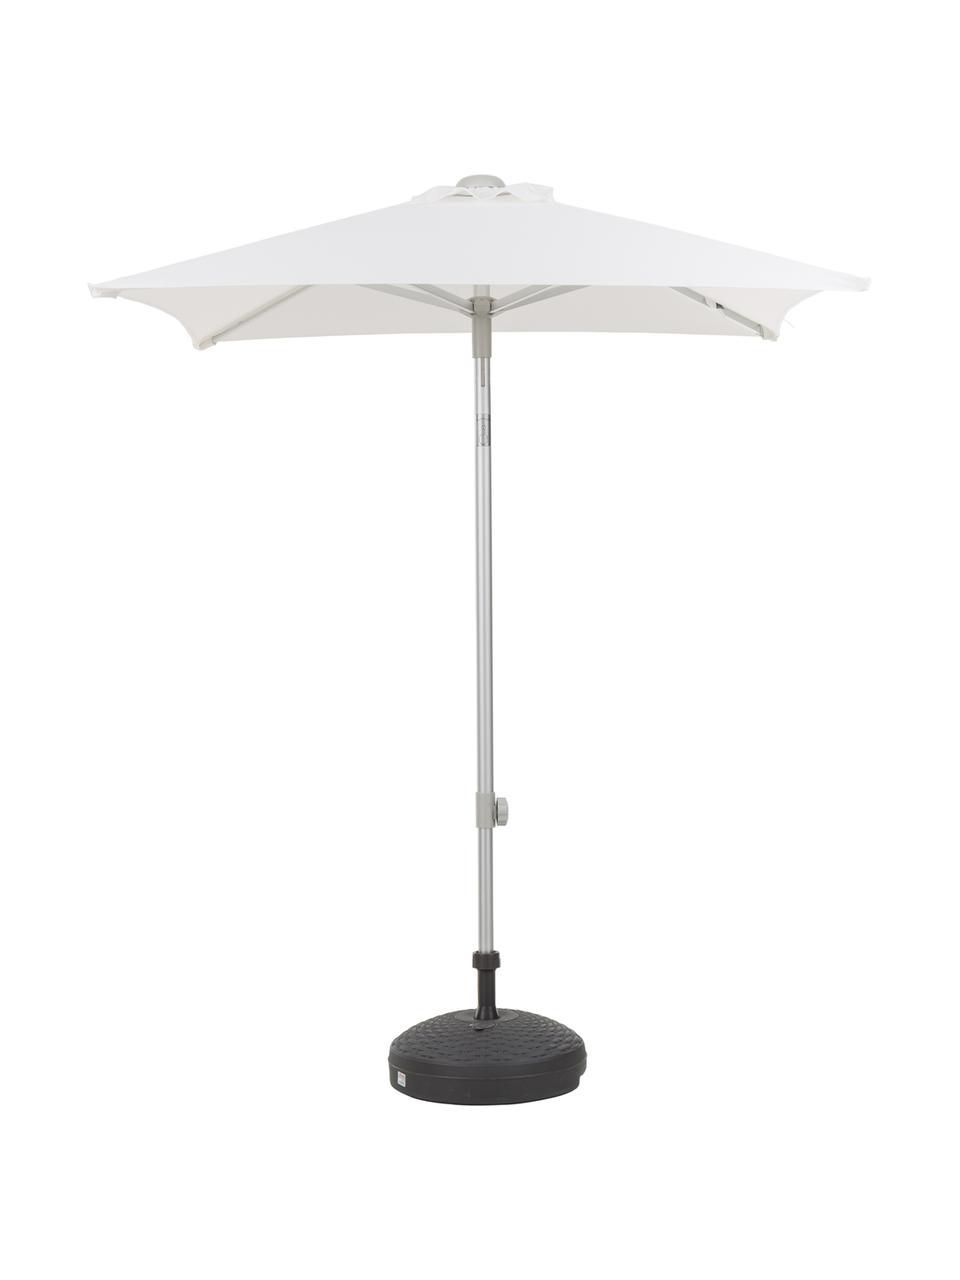 Parasol ogrodowy Elba, Stelaż i podpora: aluminium Pokrycie: biały, S 150 x W 250 cm